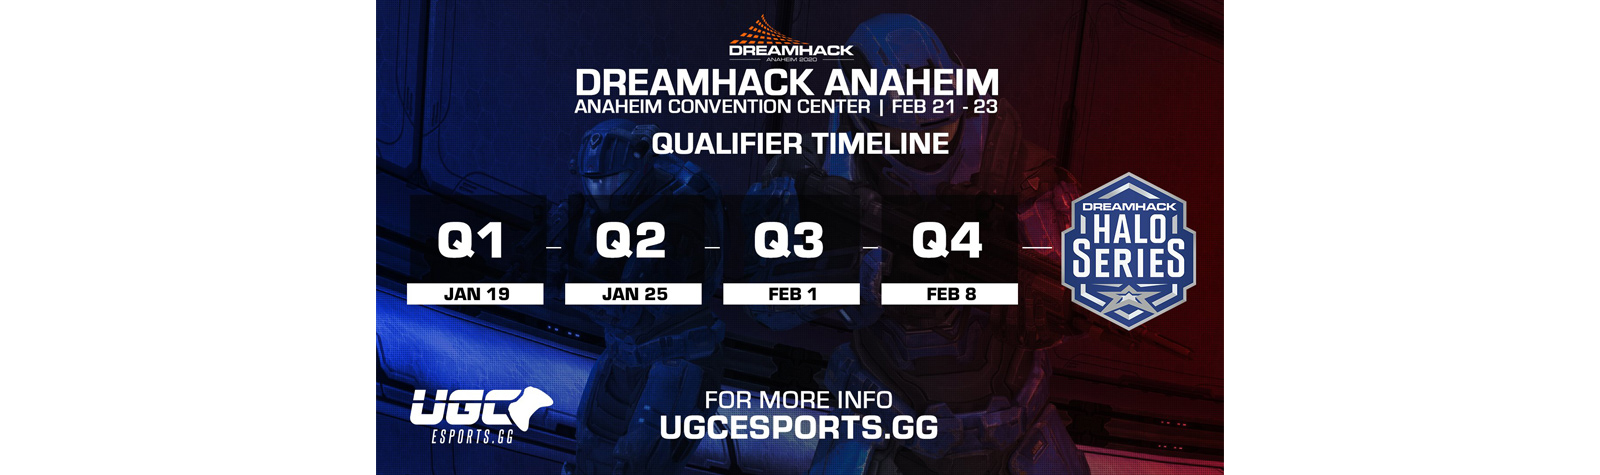 DreamHack Anaheim Qualifier #4 Results – 2/8/20